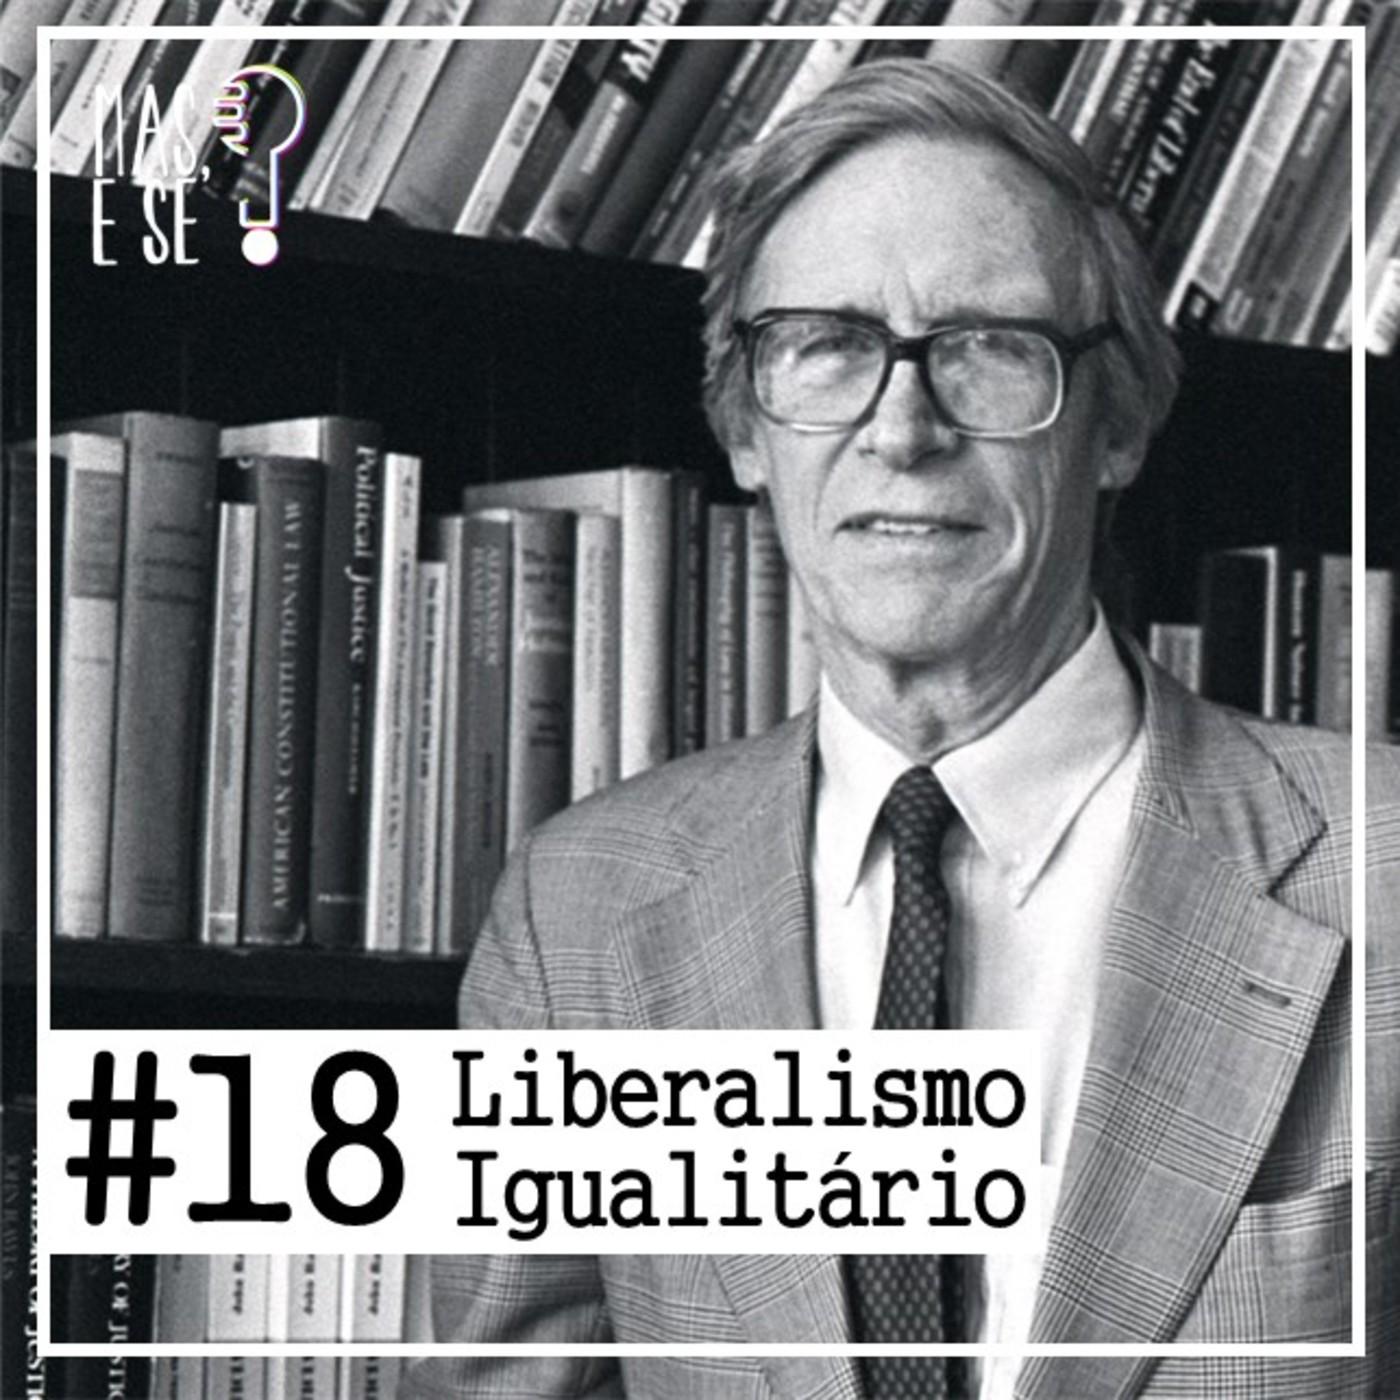 Mas e se? #18 Liberalismo igualitário